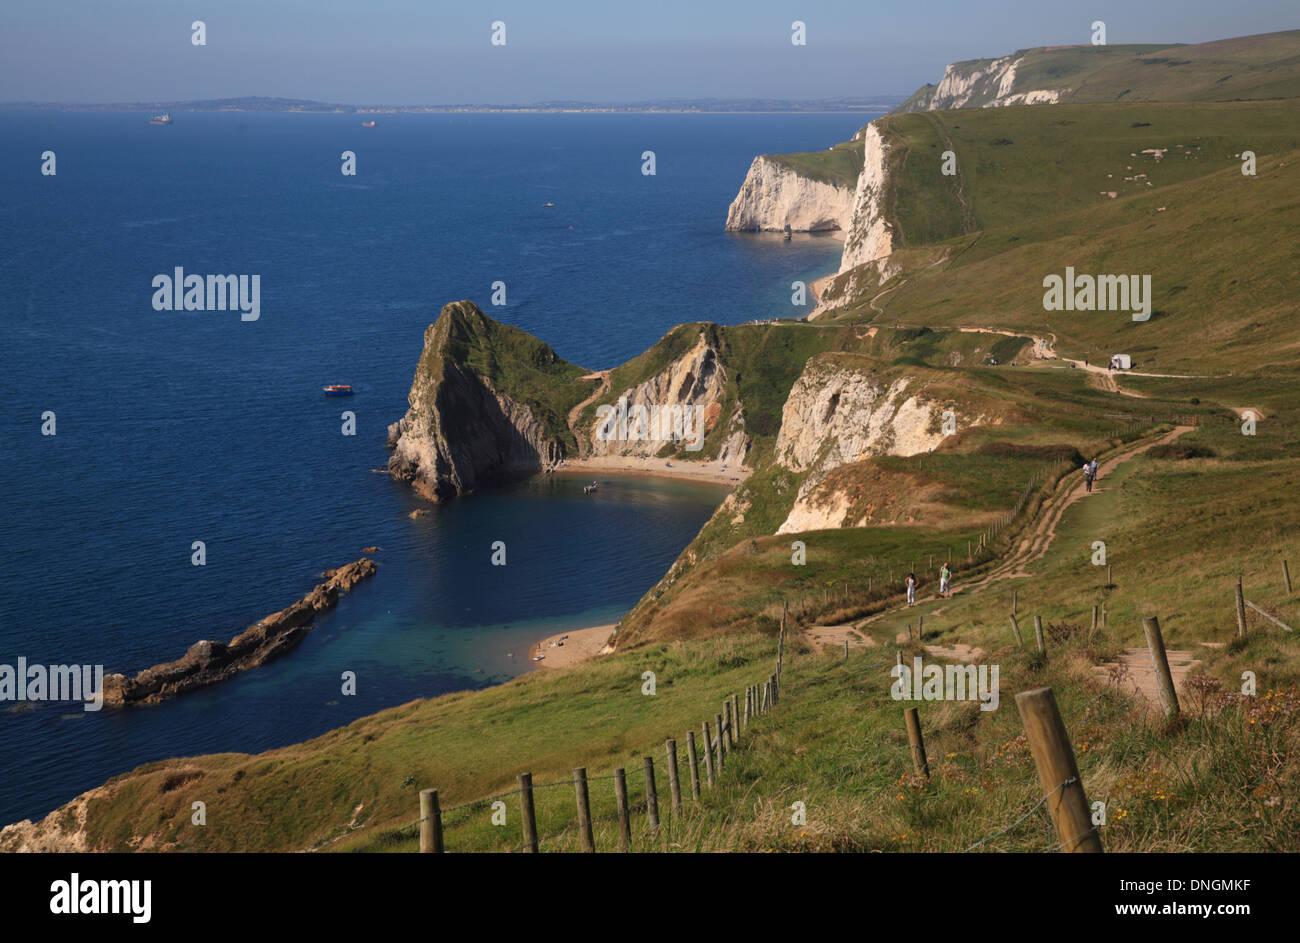 Costa de Hambury Tout entre Durdle Door y Lulworth Cove incluyendo el hombre'0'guerra rocas, Dorset, Inglaterra, Reino Unido. Foto de stock